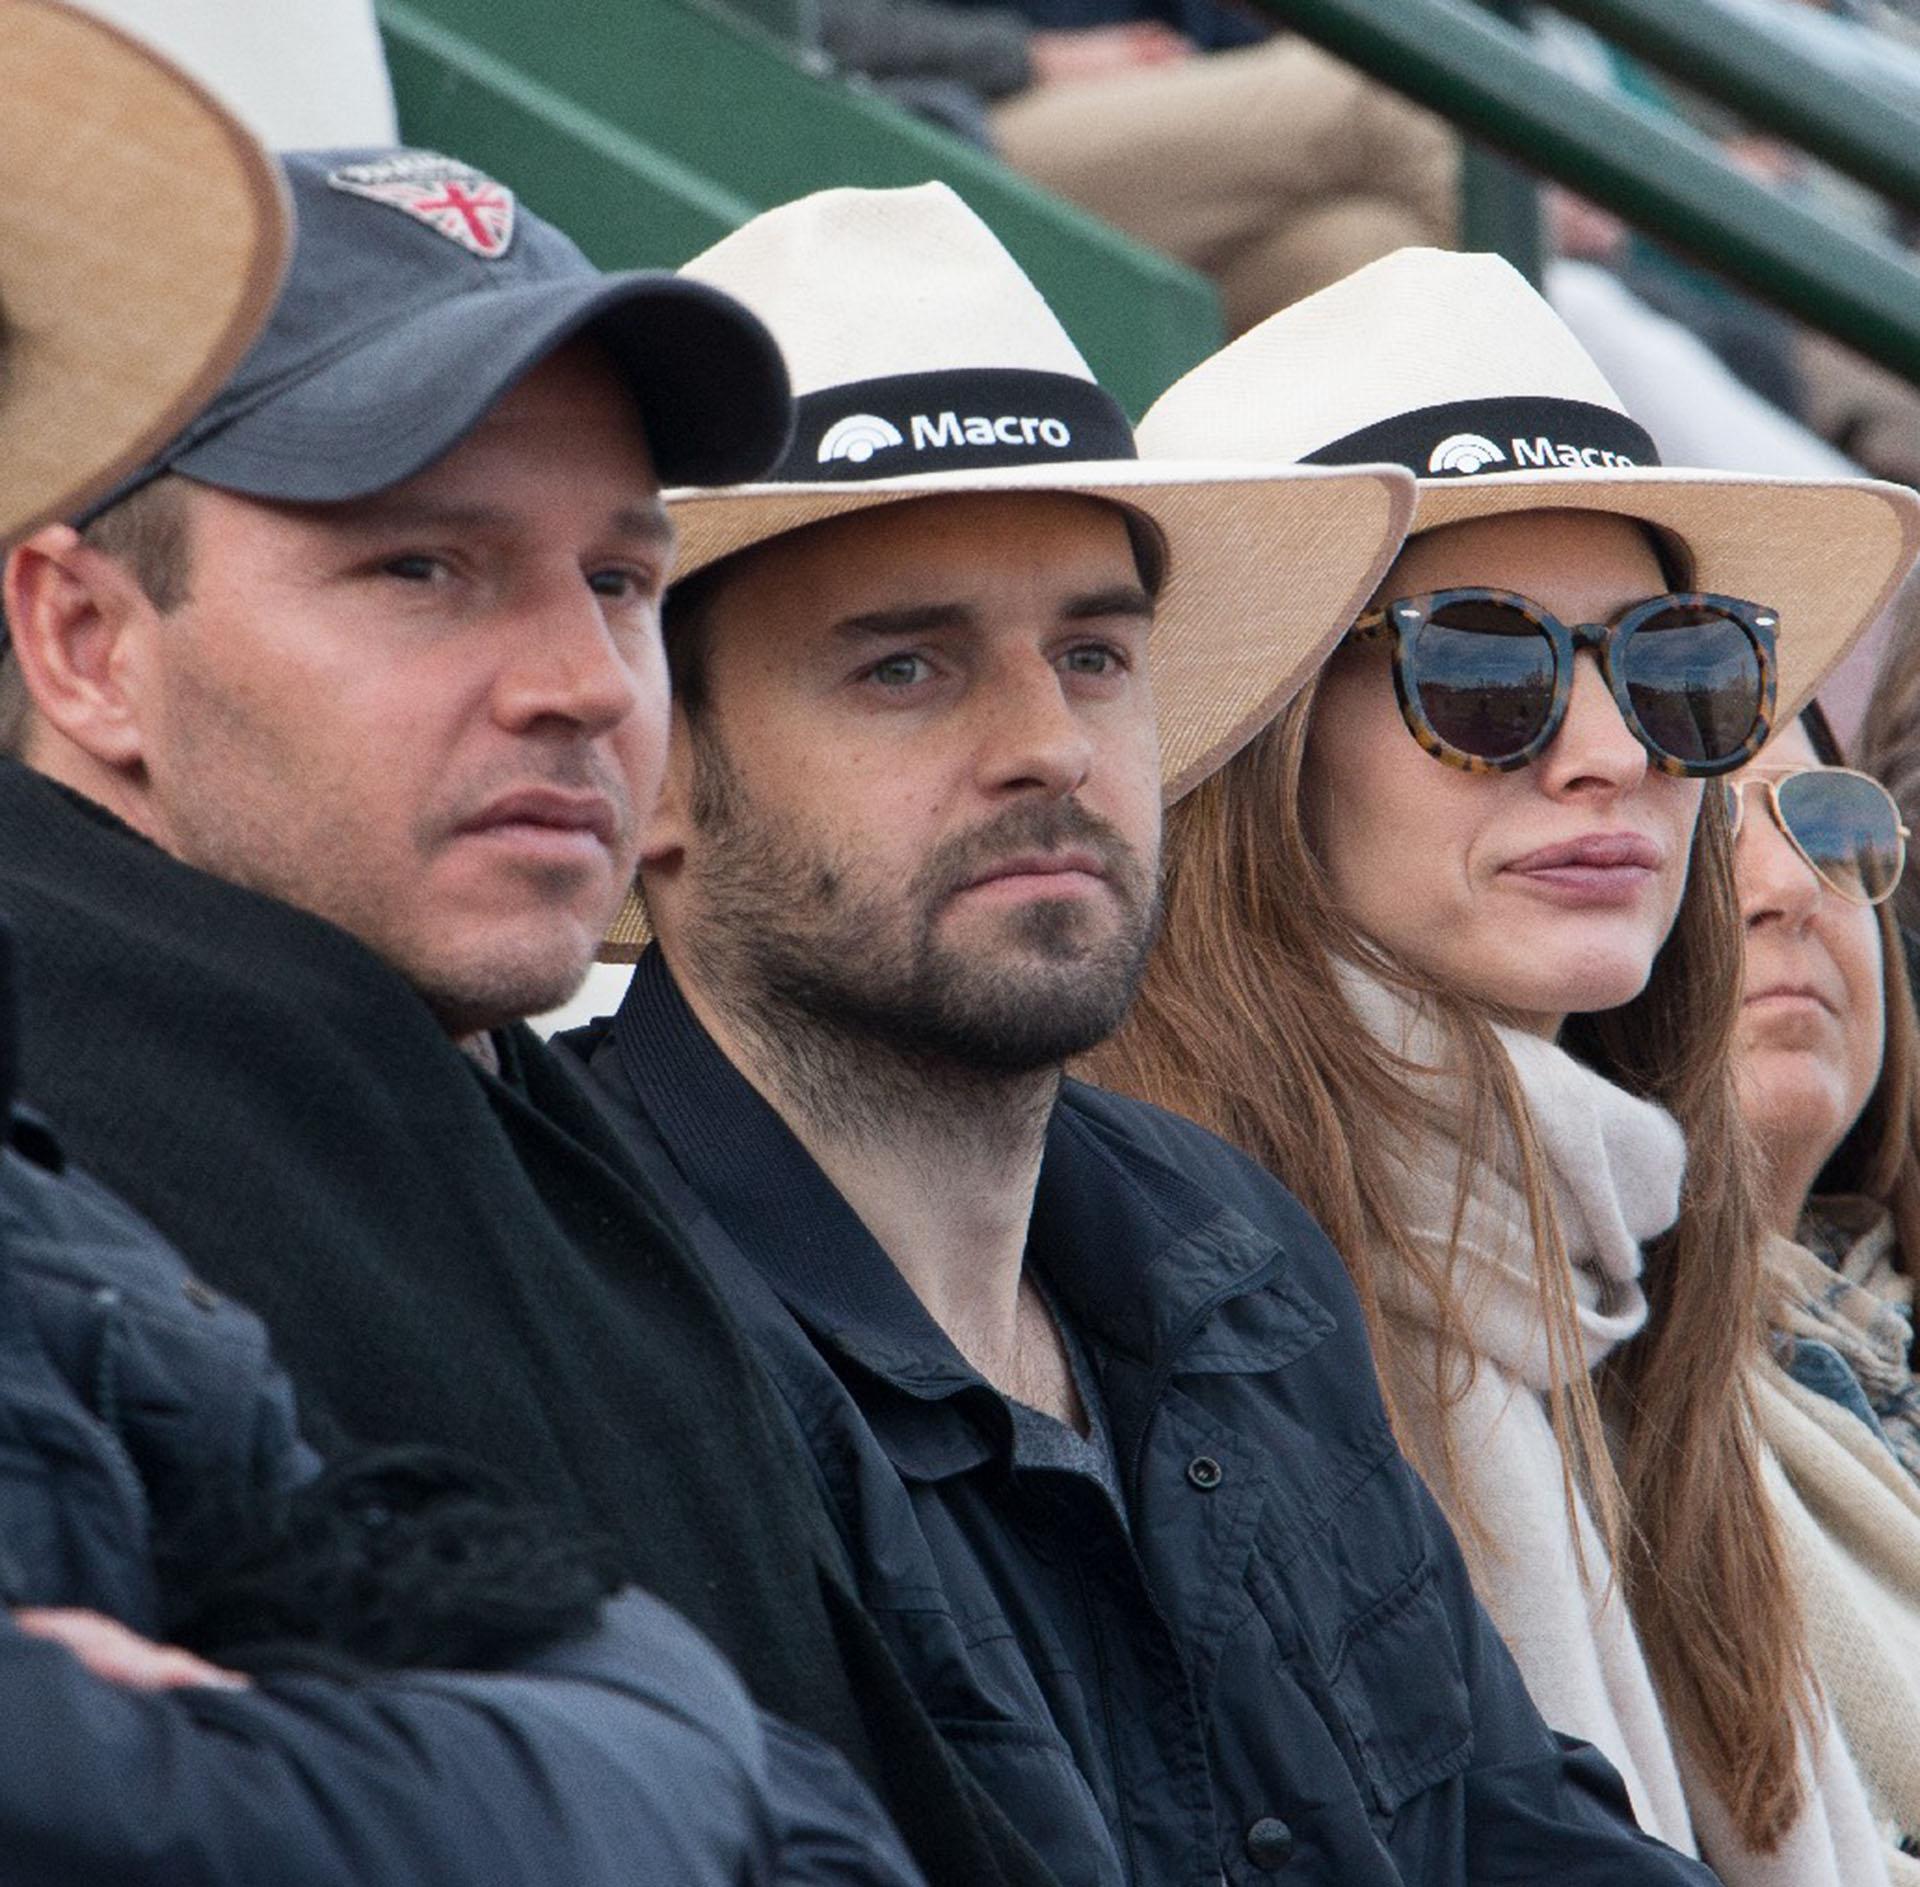 Jorge Brito, director de Banco Macro, observó el partido desde el palco junto a Martín de Alzaga y Andrea Bolatti